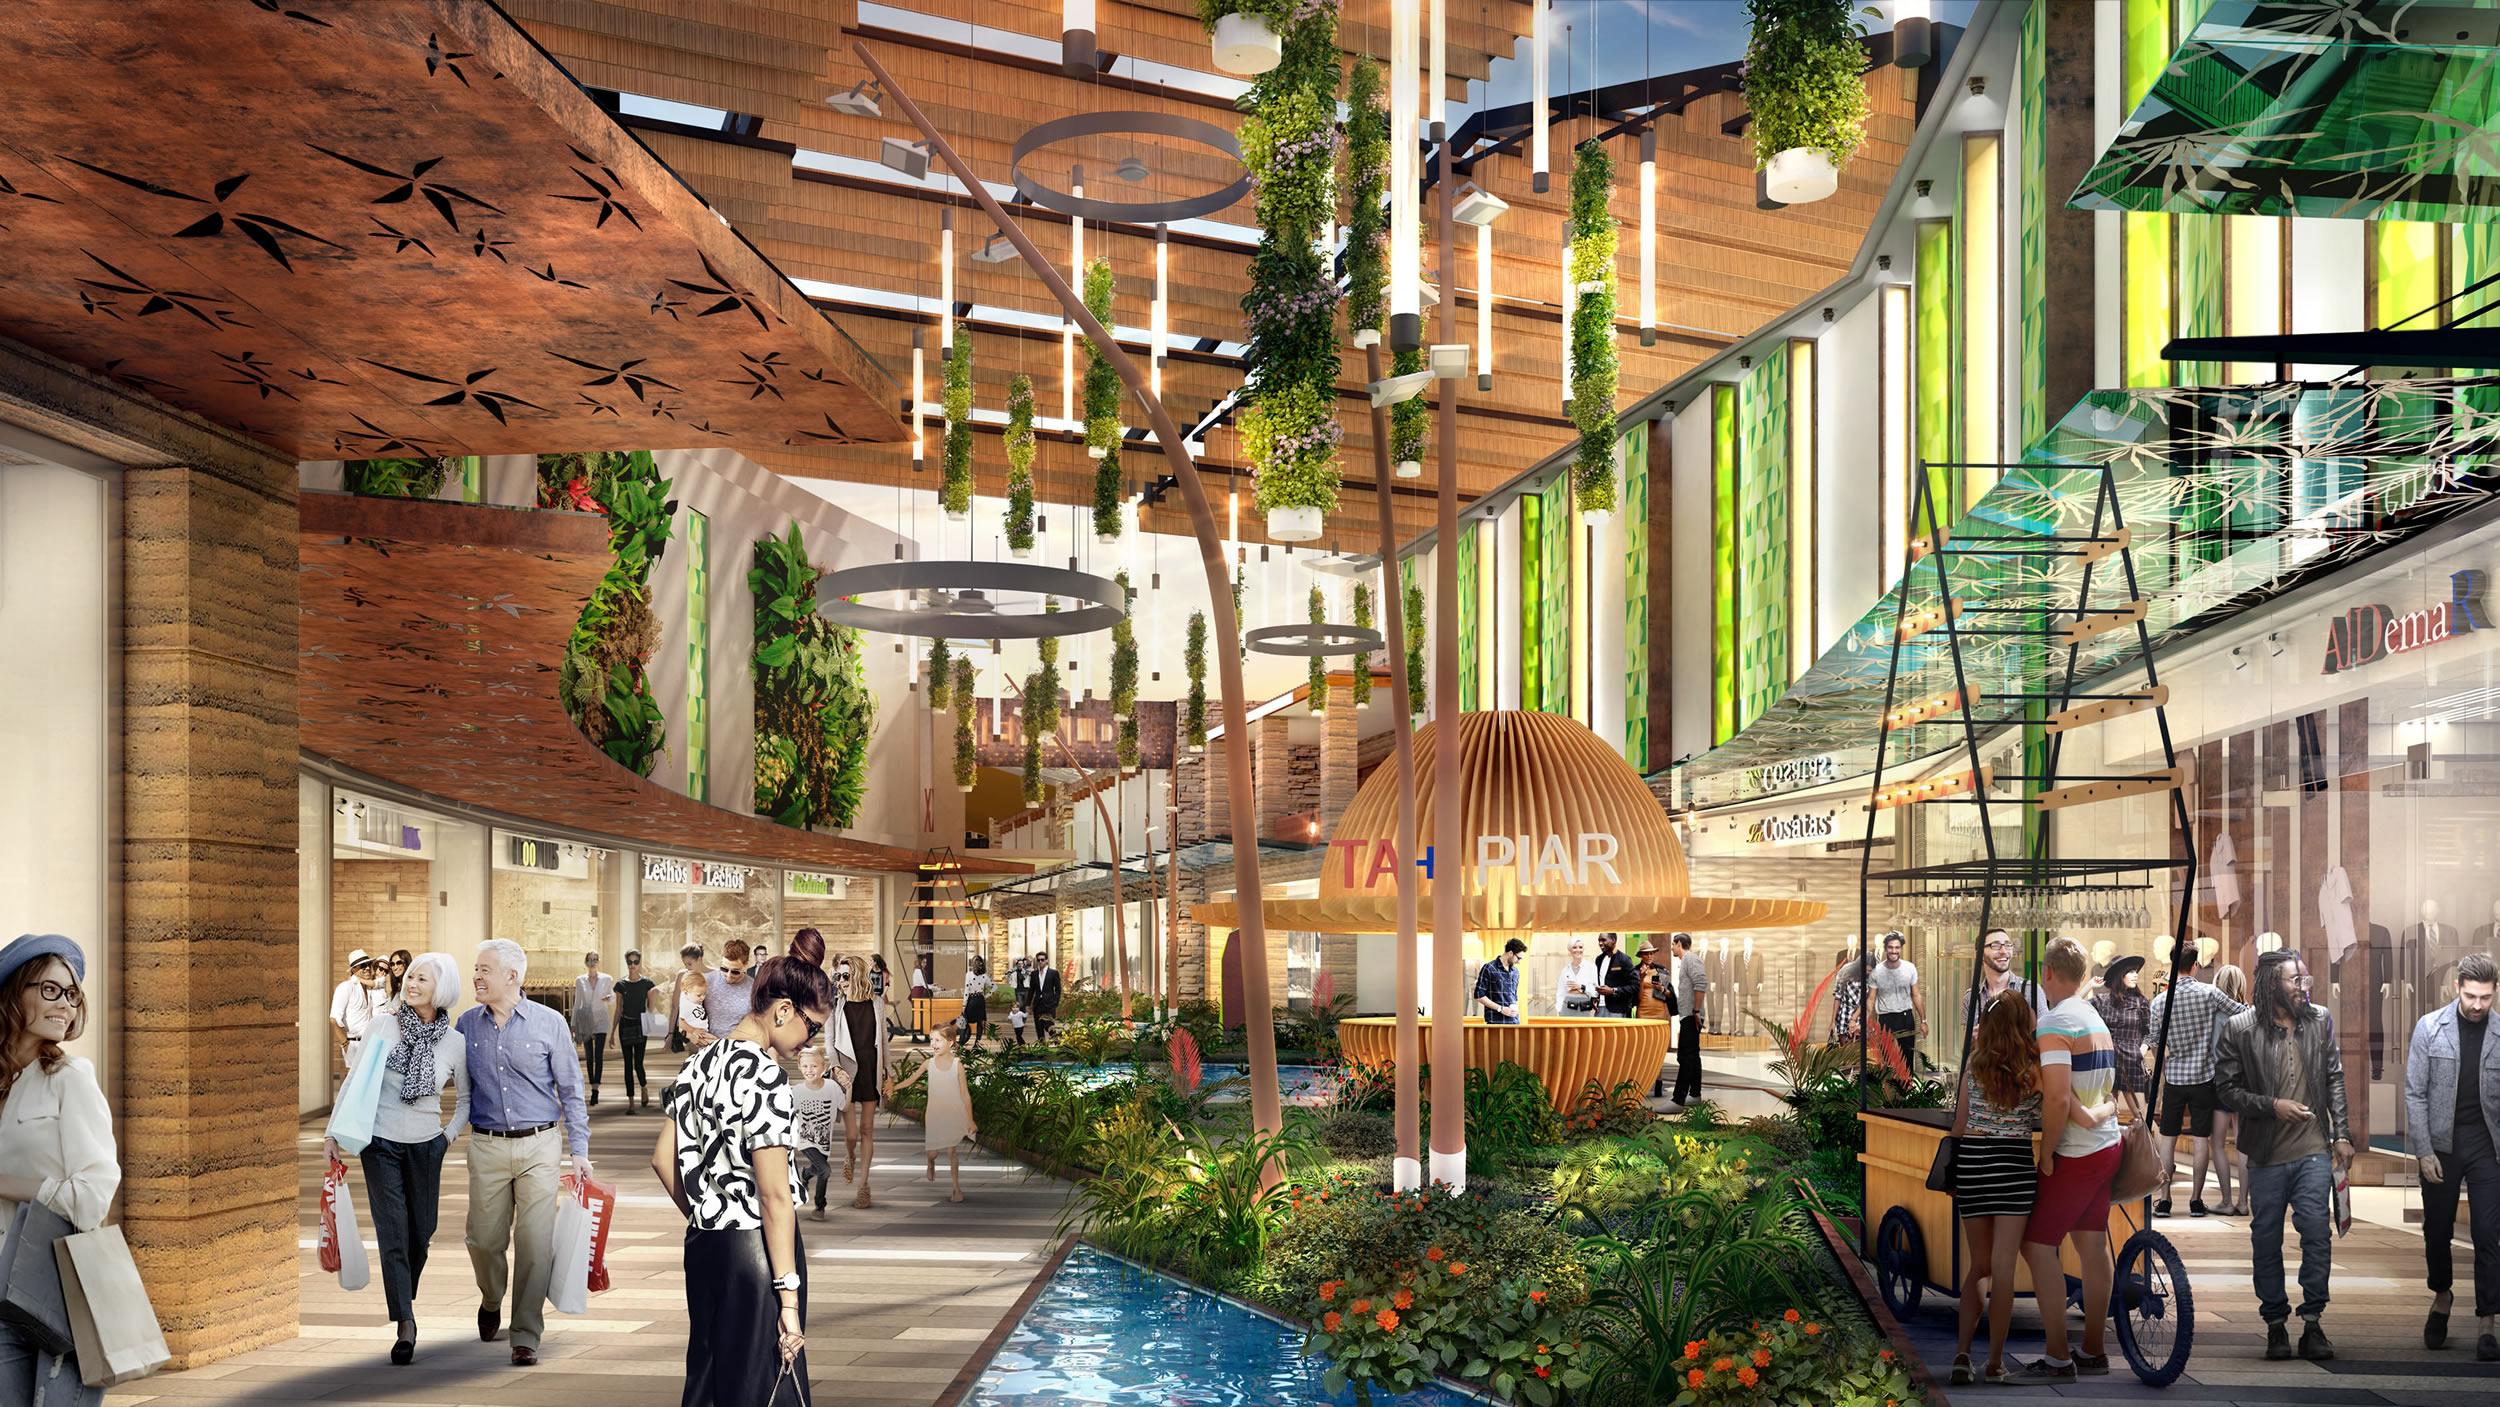 Nuevo centro comercial c cuta colombia for Maquetas de jardines